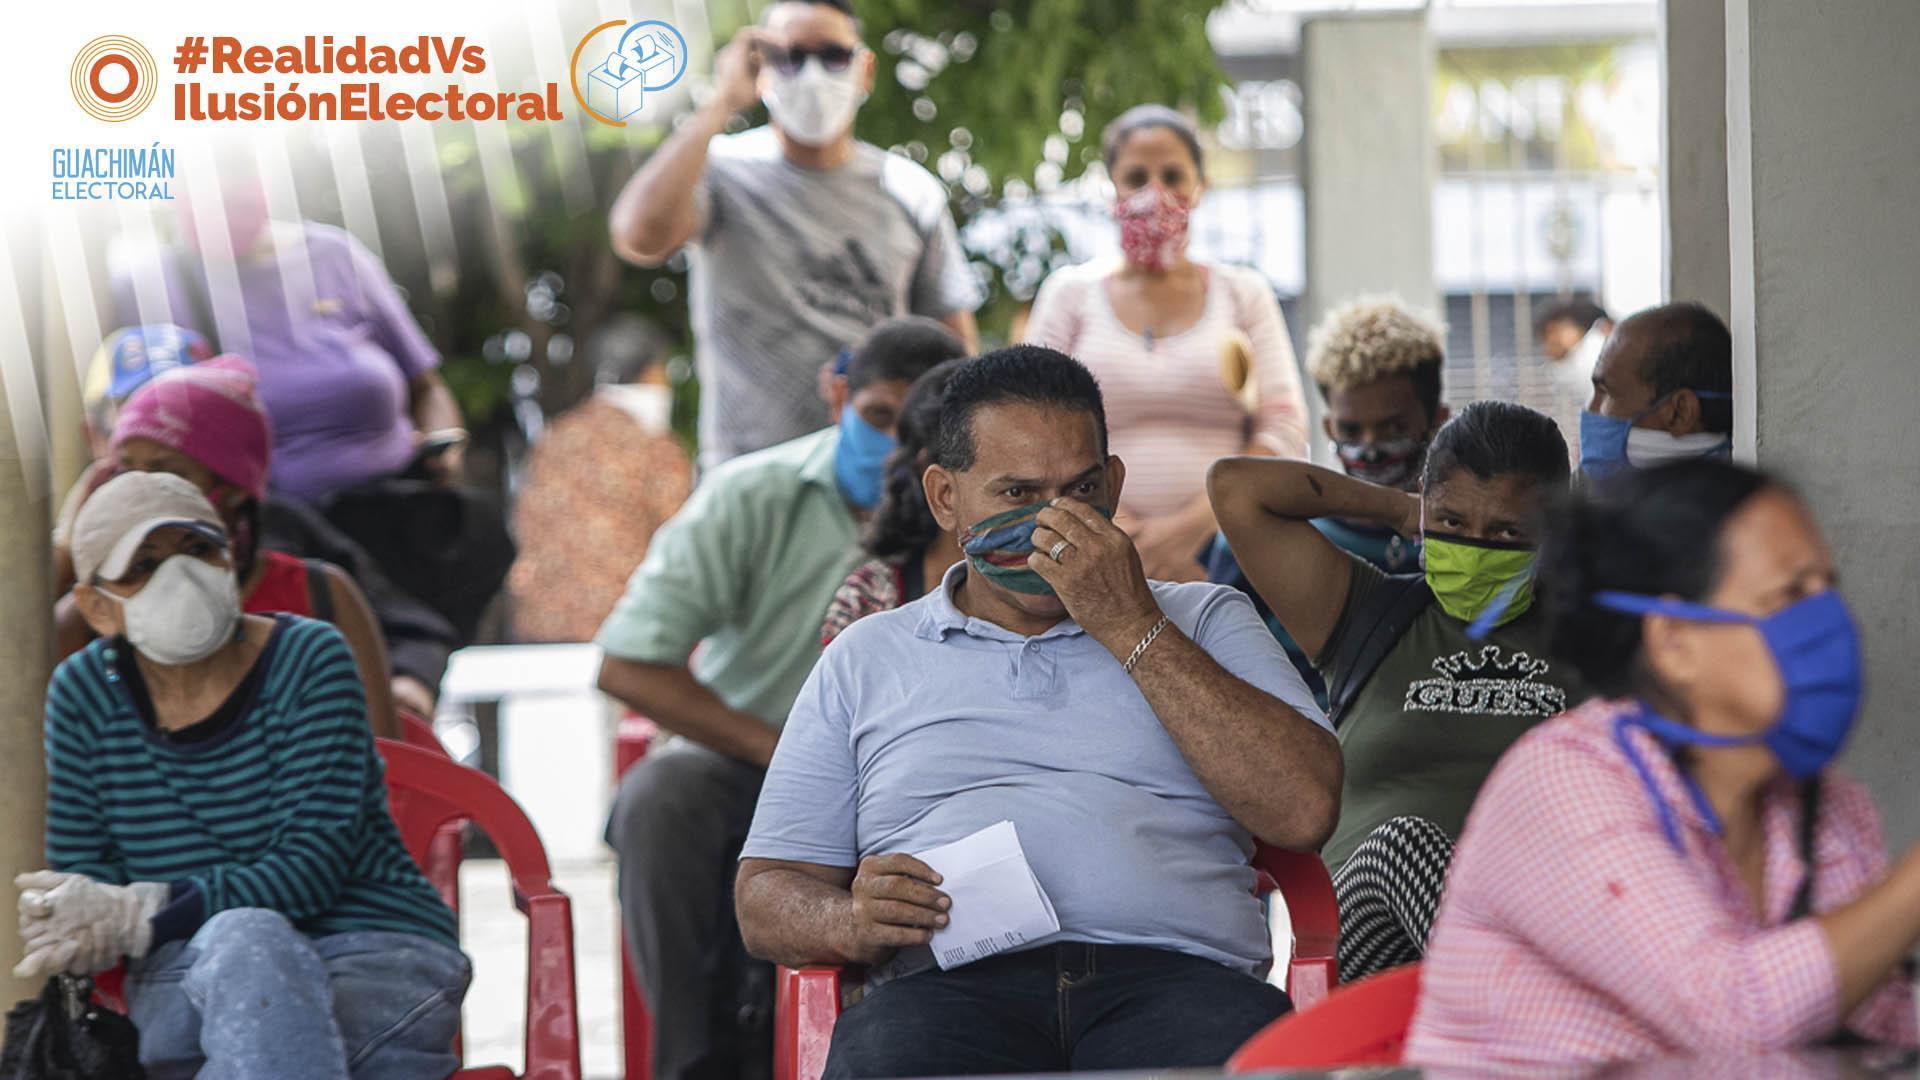 #GuachimánElectoral | Del 12 al #18Oct las protestas sociales dominaron Twitter sobre las elecciones